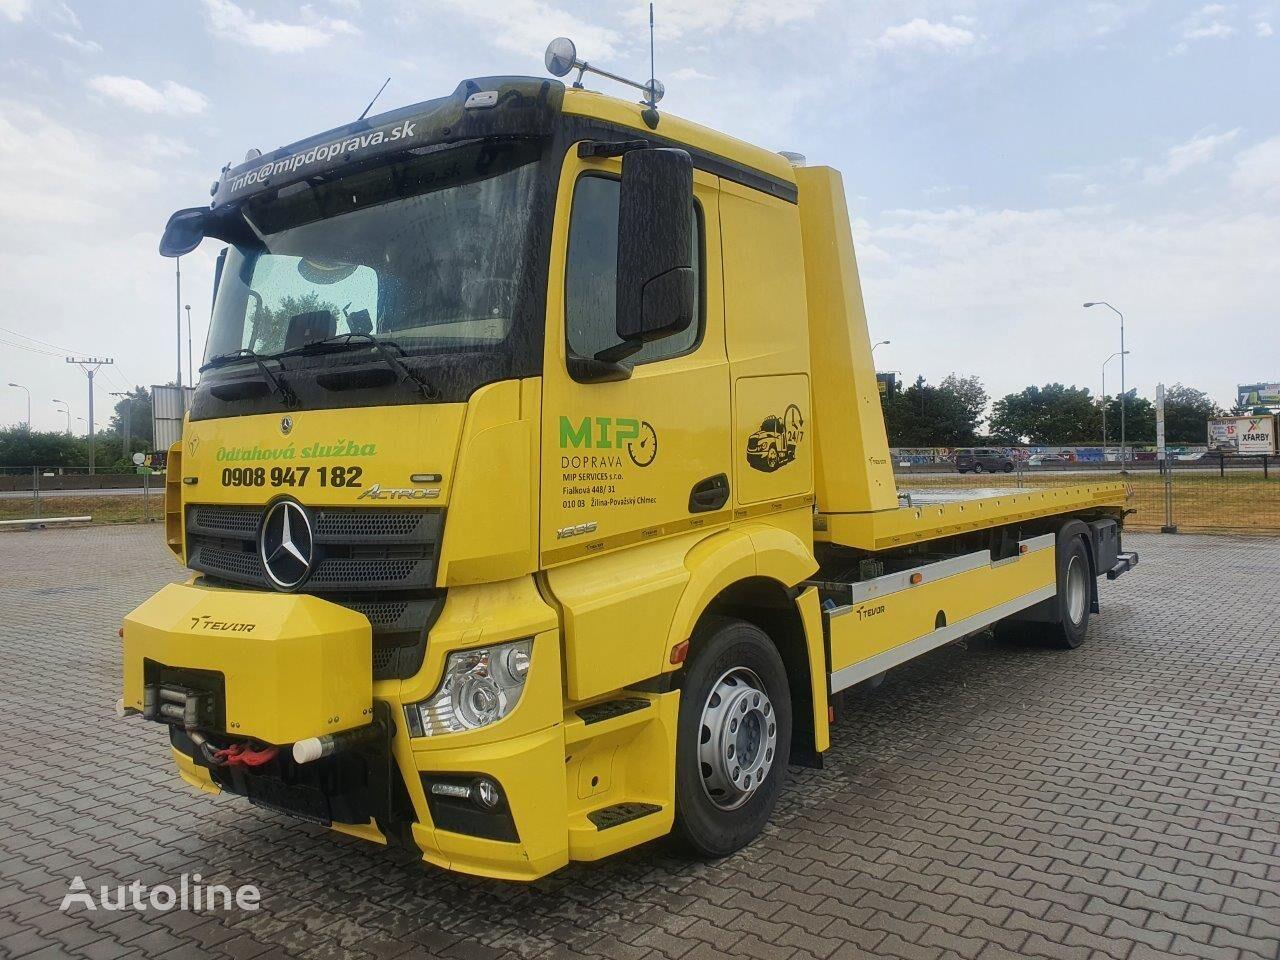 MERCEDES-BENZ tow truck